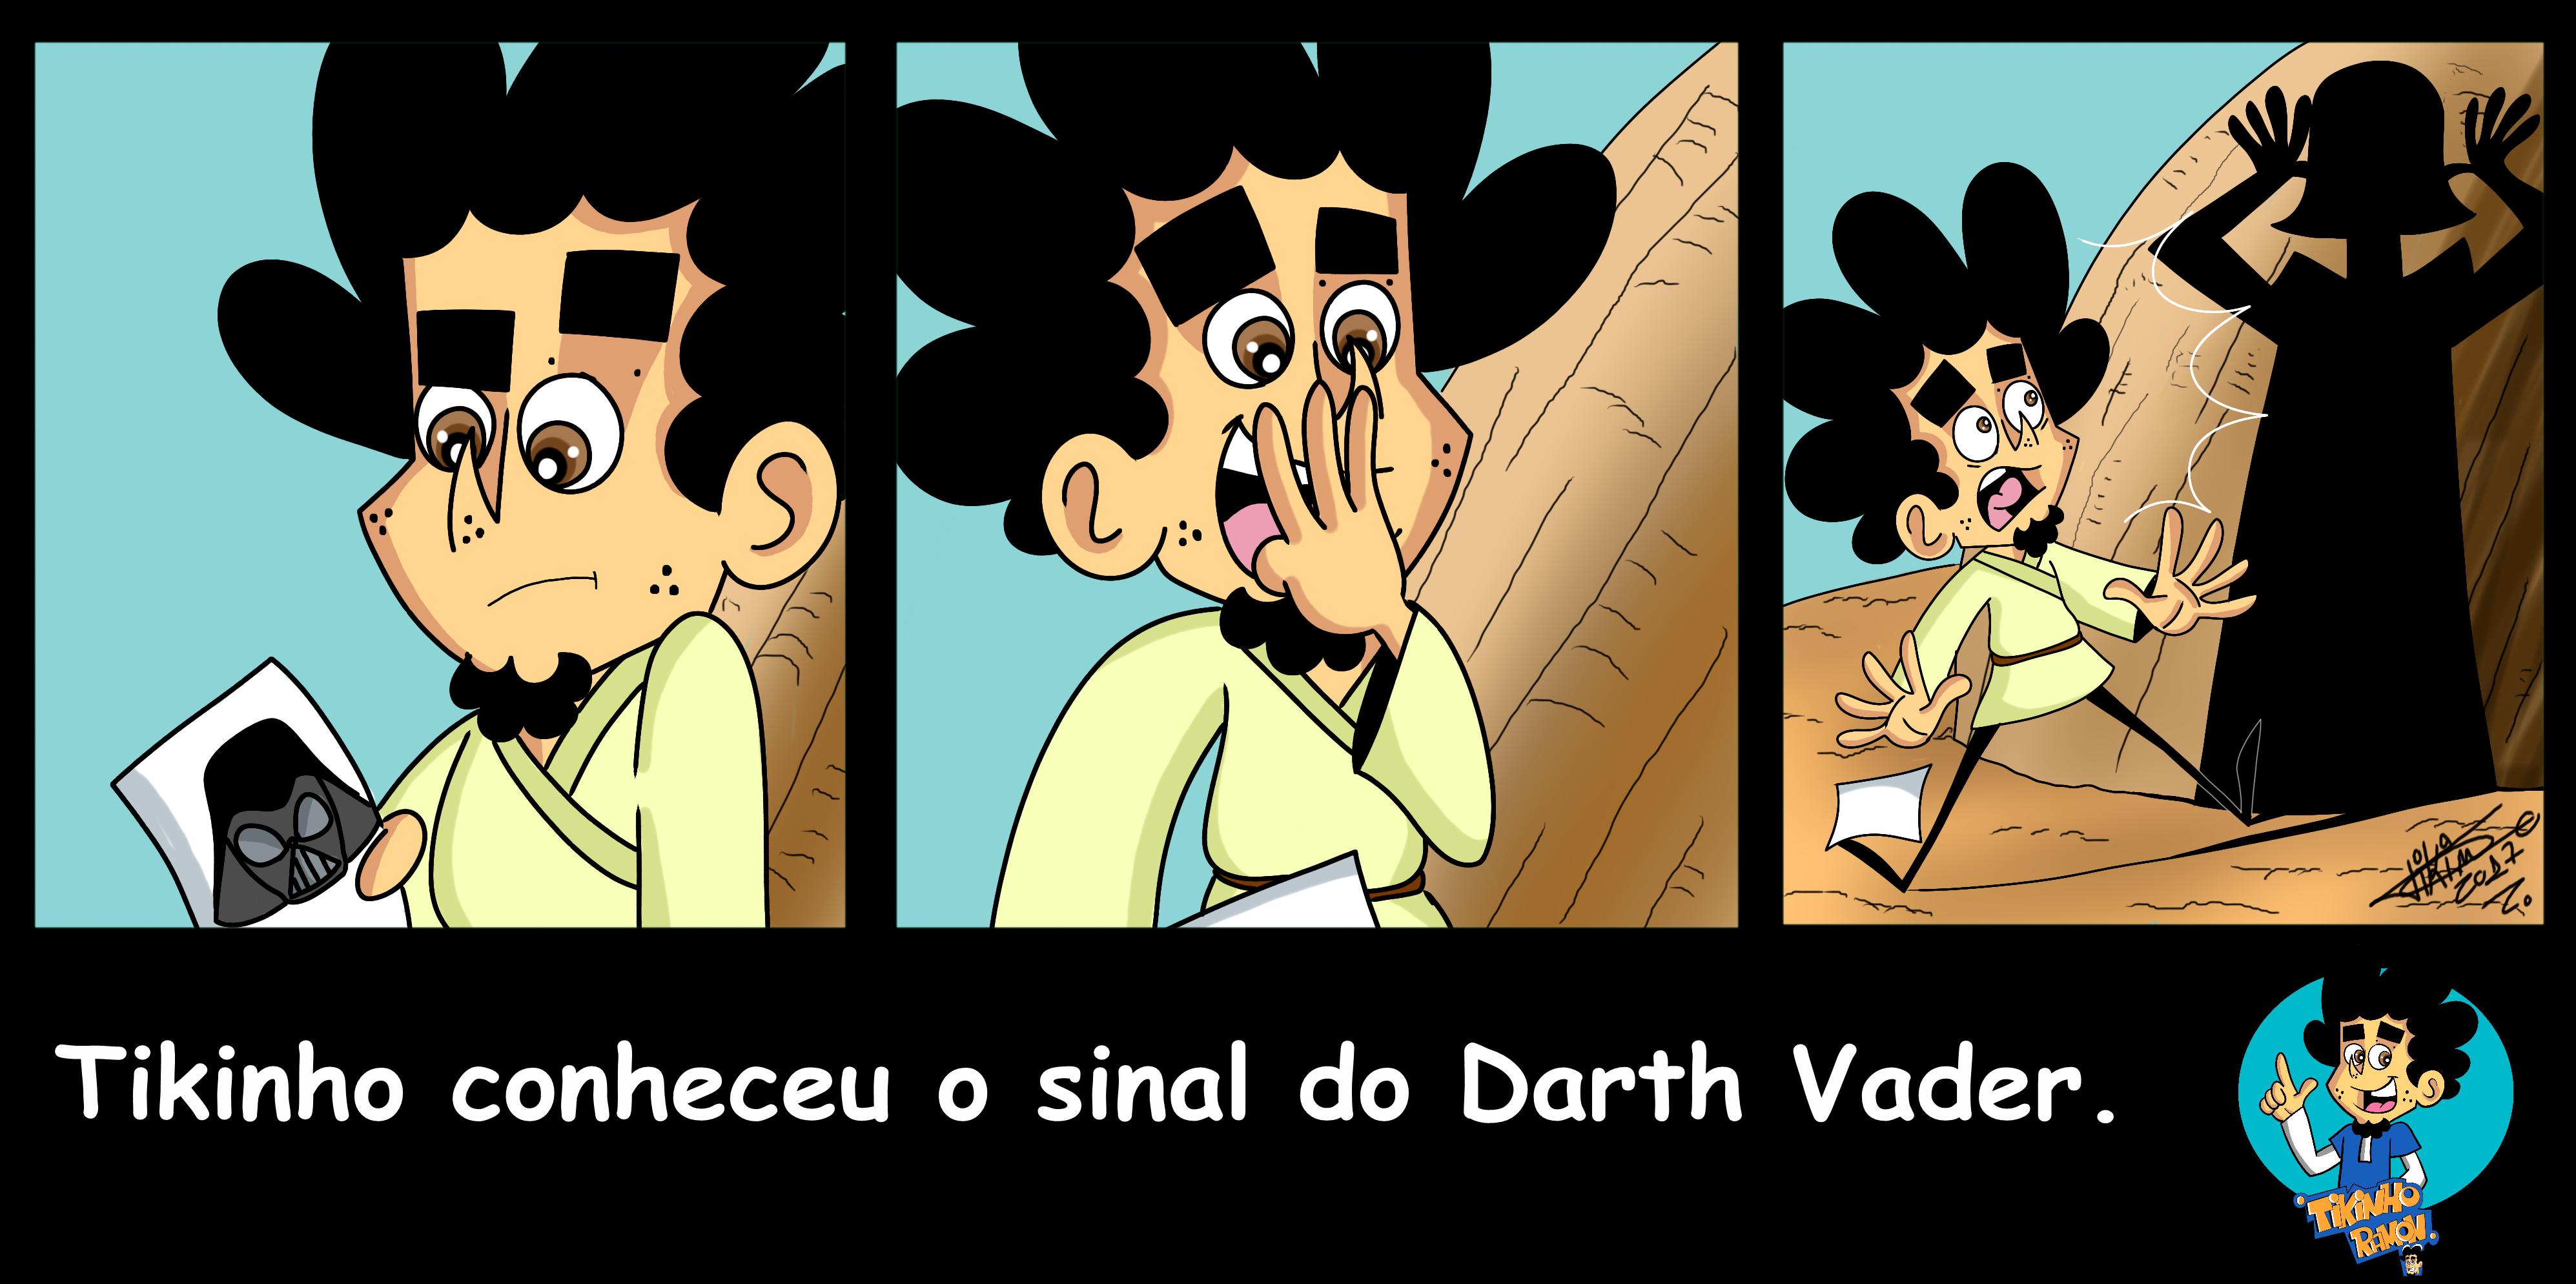 Tikinho é um personagem criado pelo cartunista Lucas Ramon